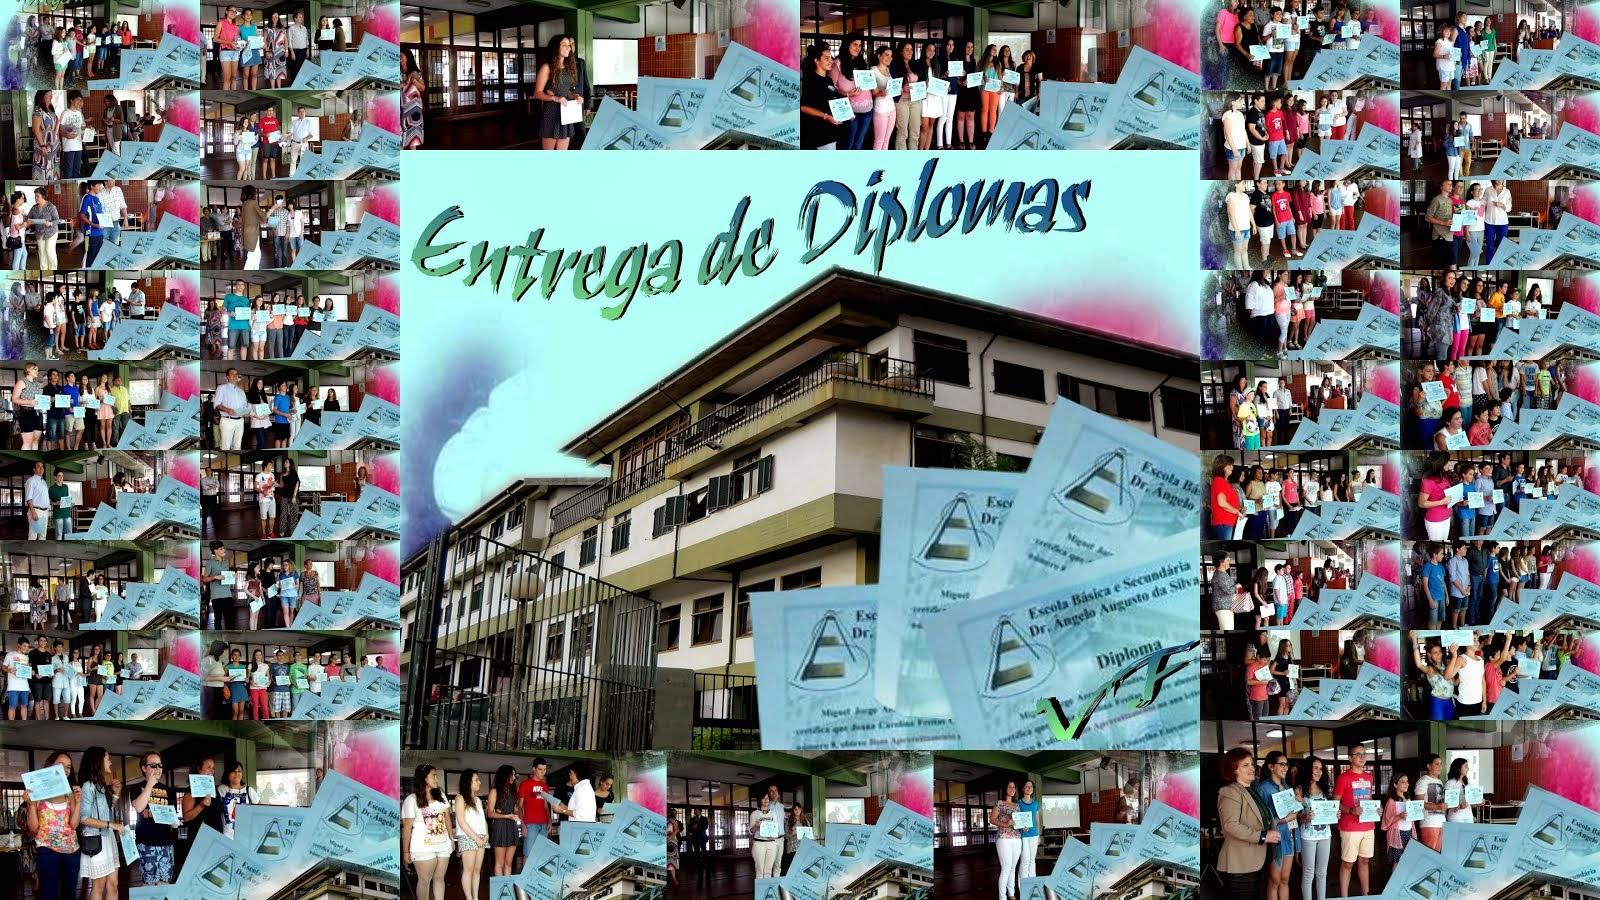 Entrega de Diplomas  2013-14